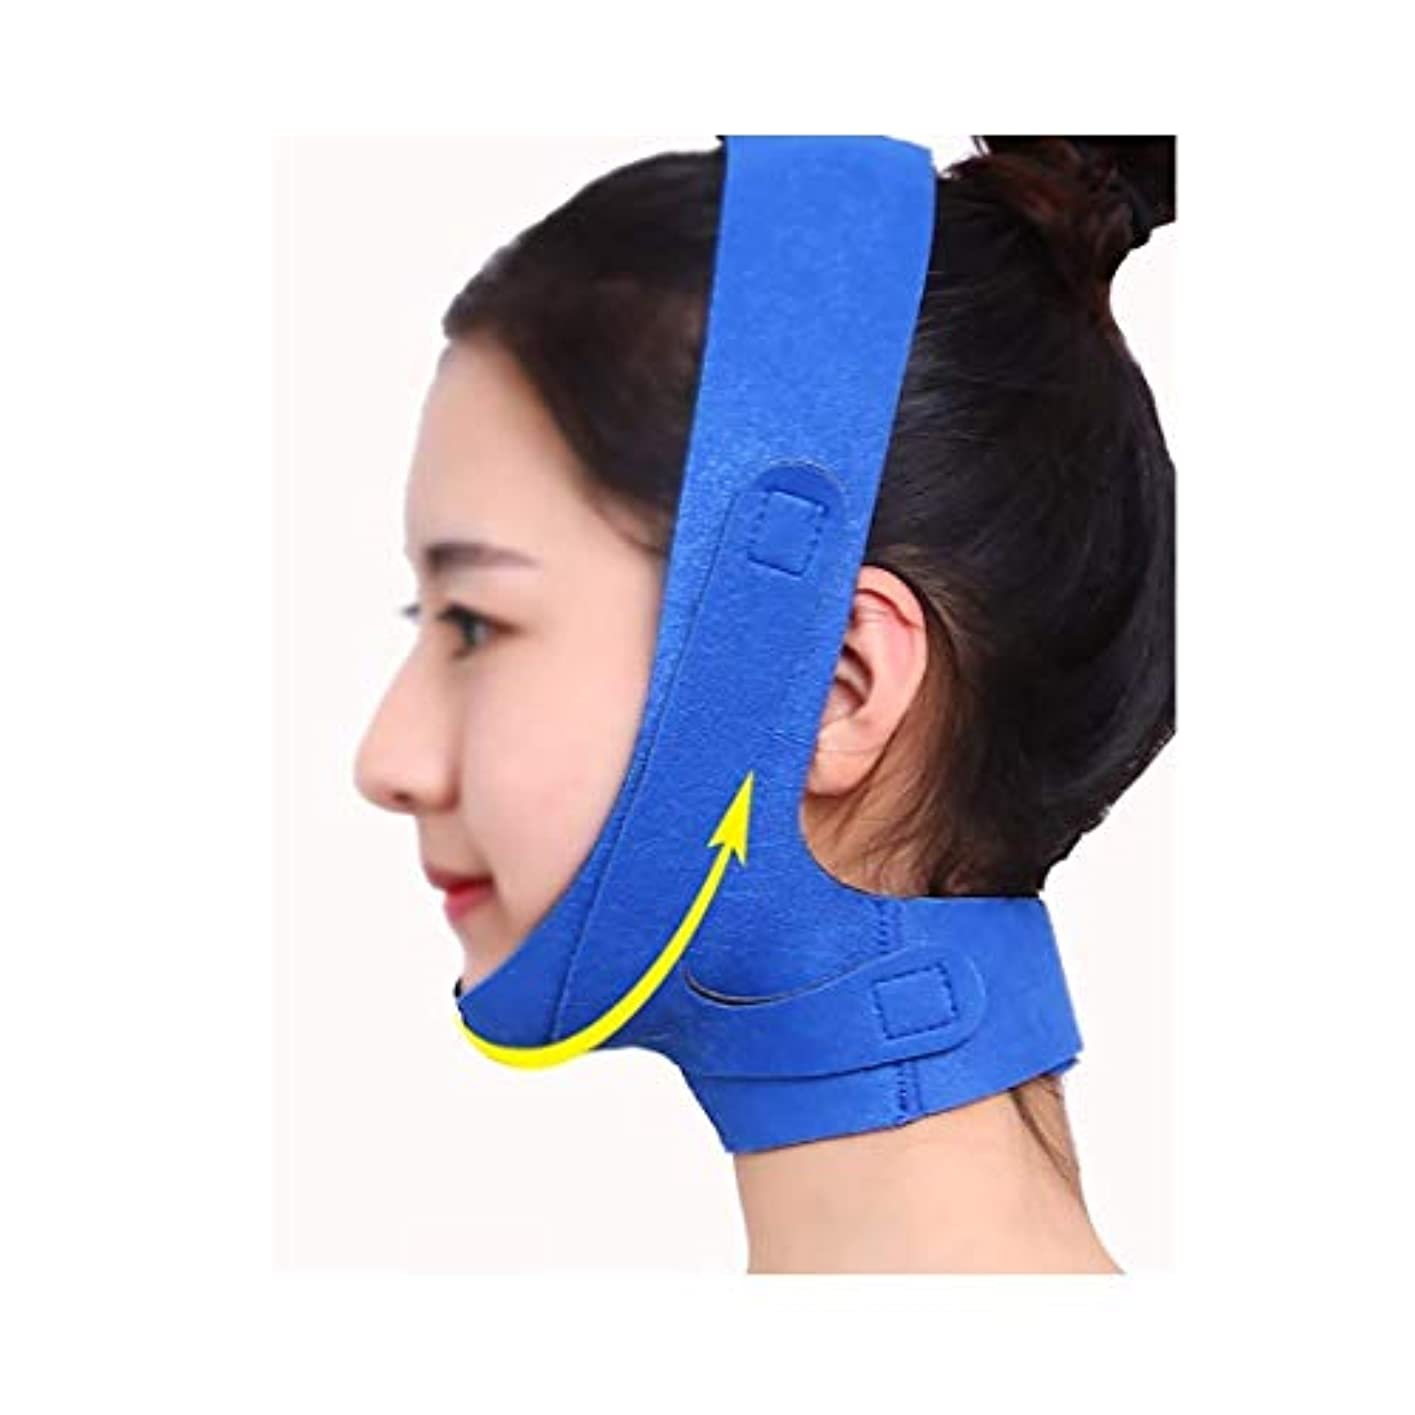 メルボルン論理的に悔い改めるフェイスリフトマスク、チンストラップの回復の包帯の睡眠の薄い顔の包帯の薄いフェイスマスクフェイスリフトの美のマスクの包帯の青いフェイスマスクが付いている小さいVの顔を高めるフェイスリフトのアーティファクト